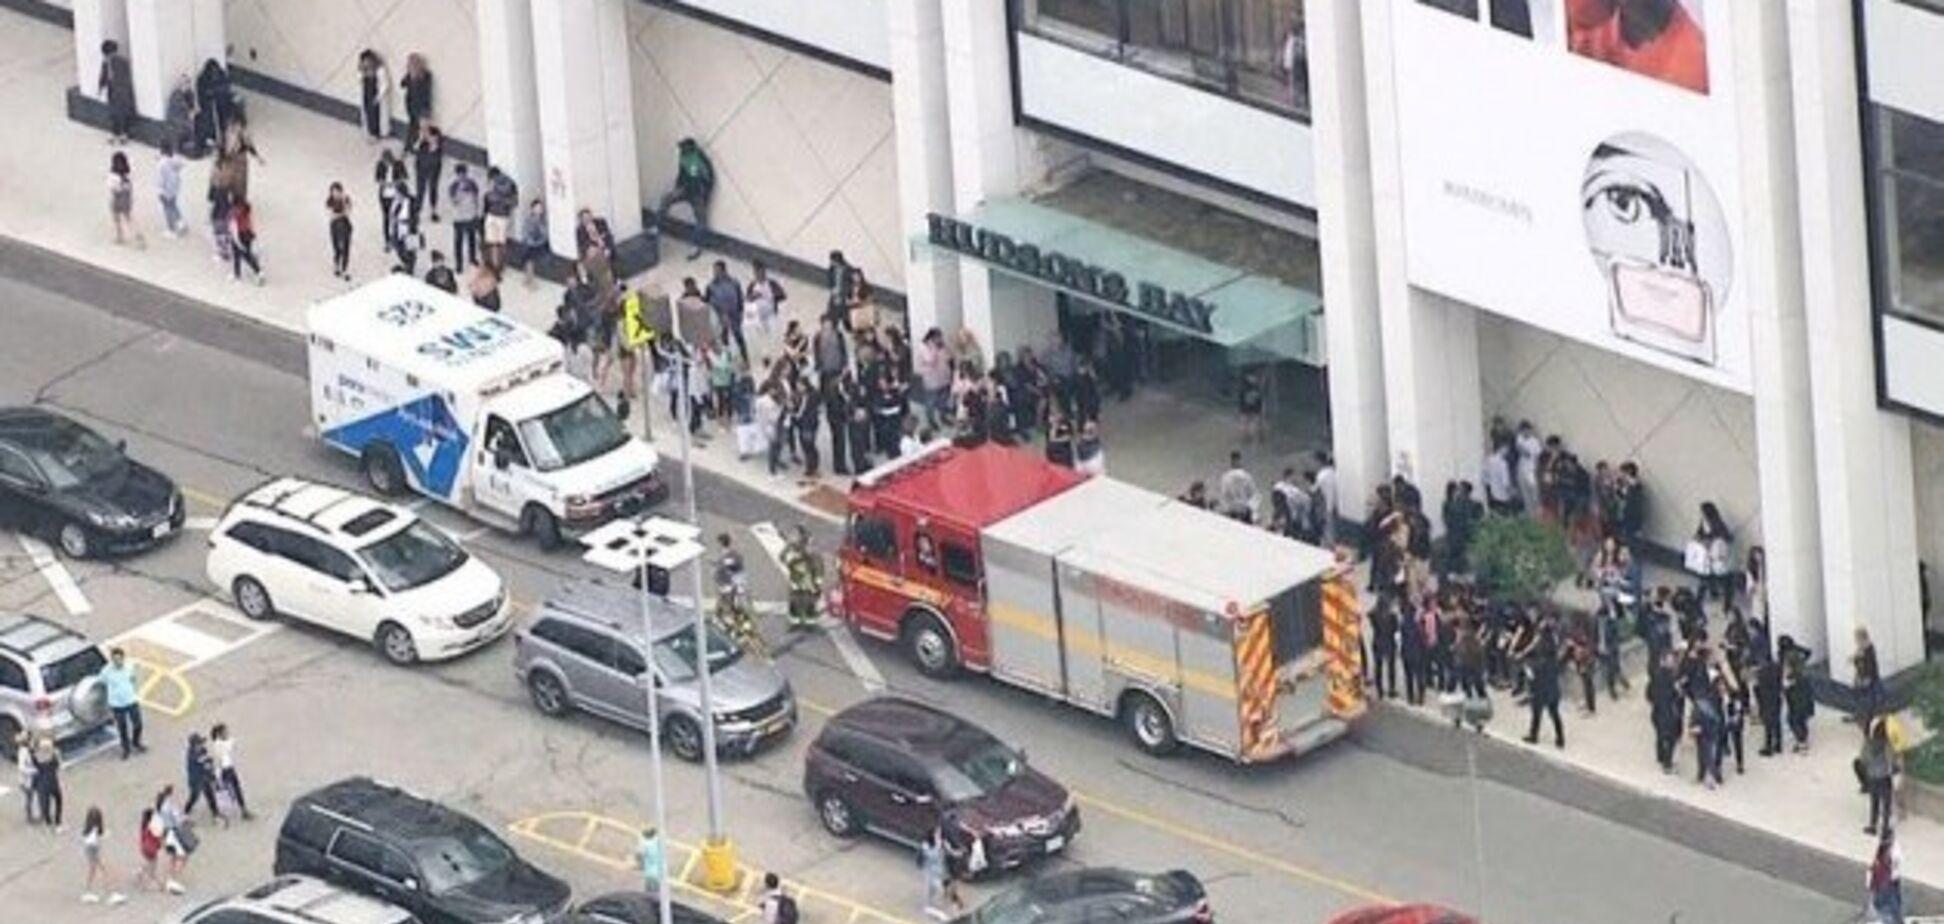 Крики и паника: в Канаде устроили стрельбу в торговом центре. Все подробности